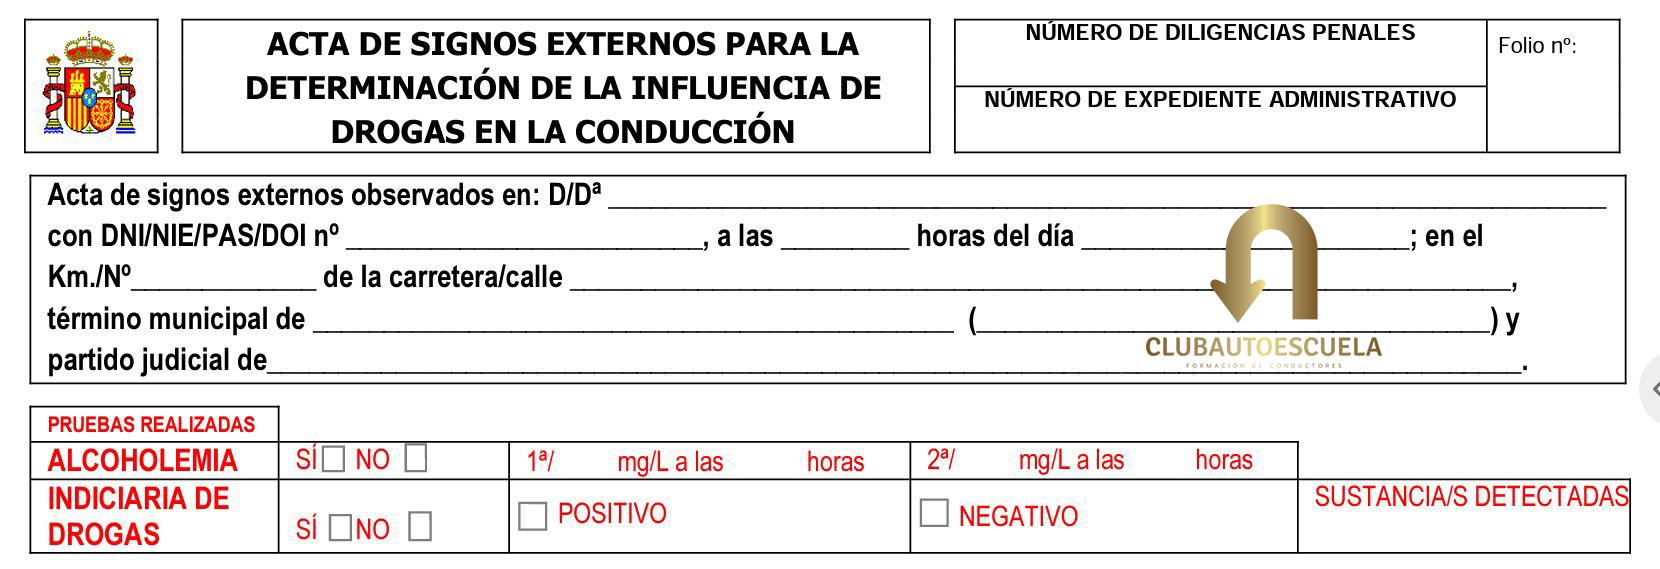 DGT ACTA DE SIGNOS CLUB AUTOESCUELA